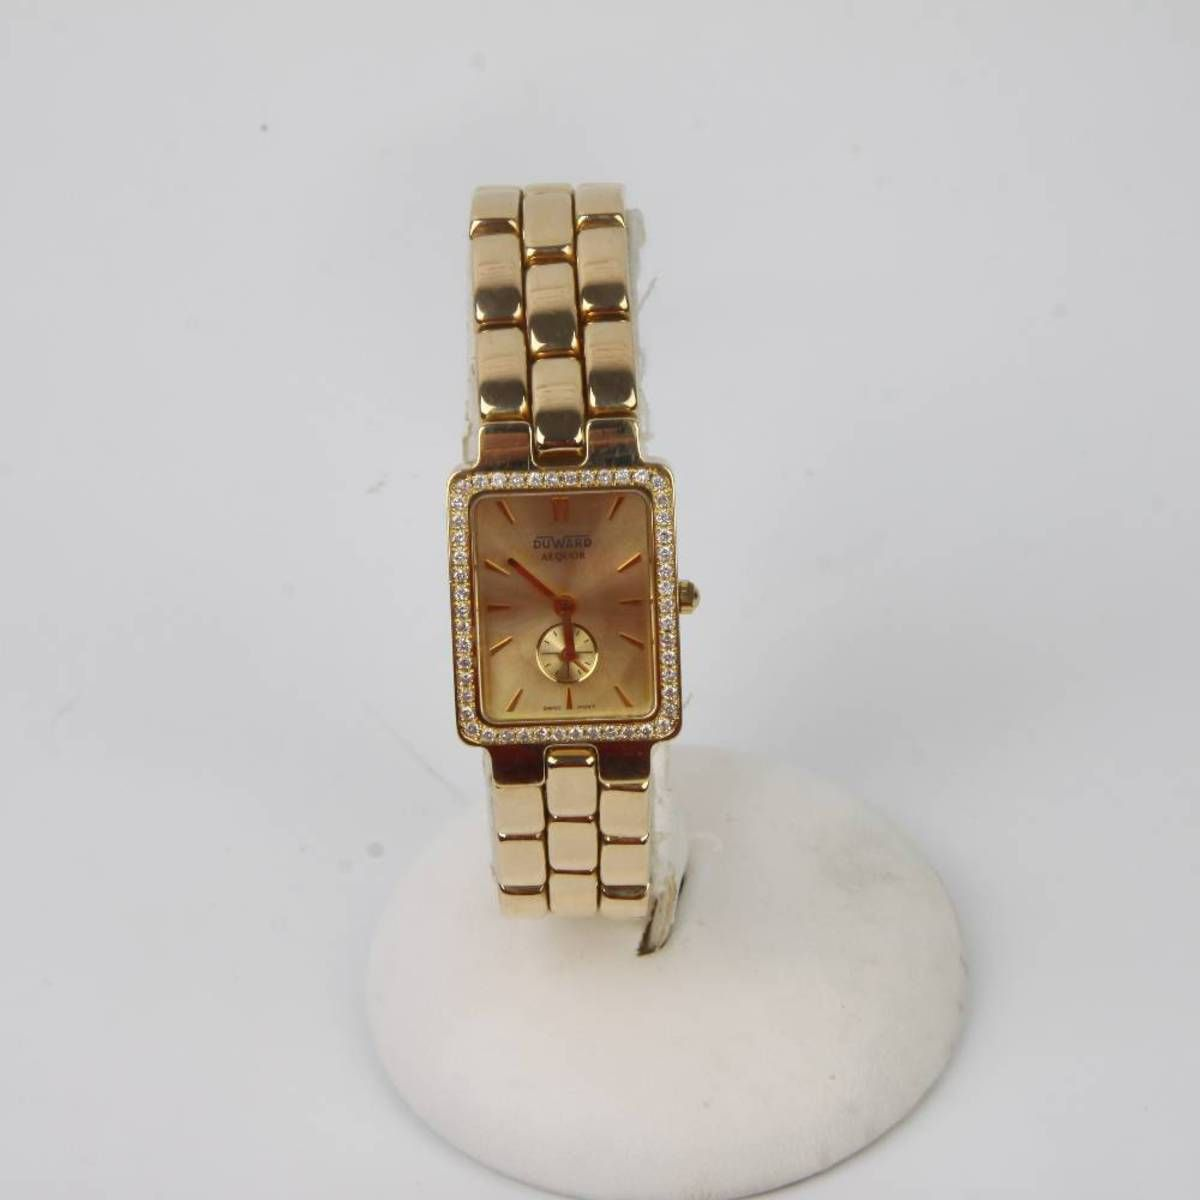 Reloj DUWARD AEQUOR de oro reloj de segunda mano duward  160b56882494